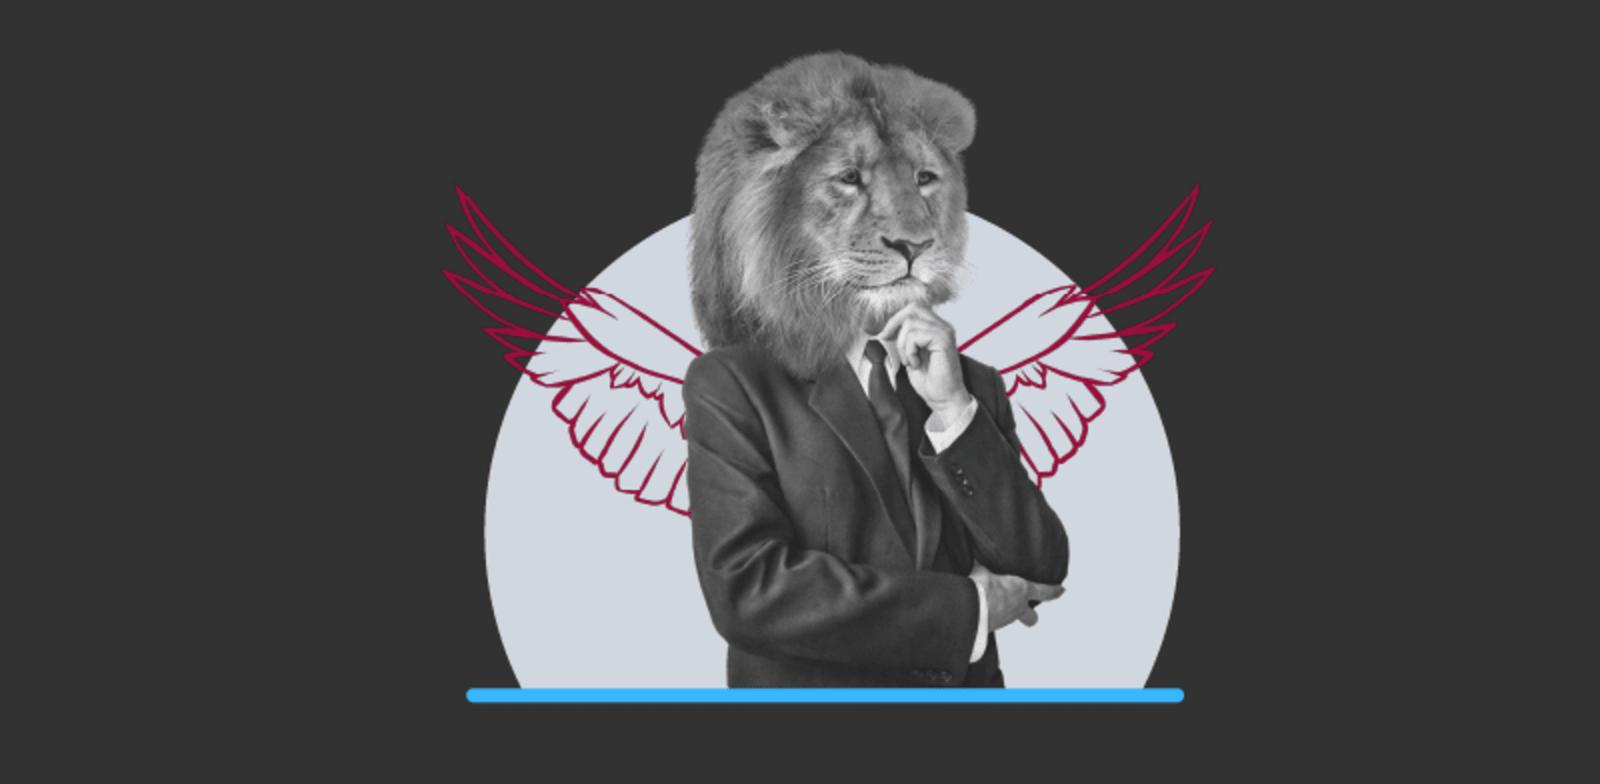 מה אפשר ללמוד מאריה על ניהול / צילום: Shutterstock